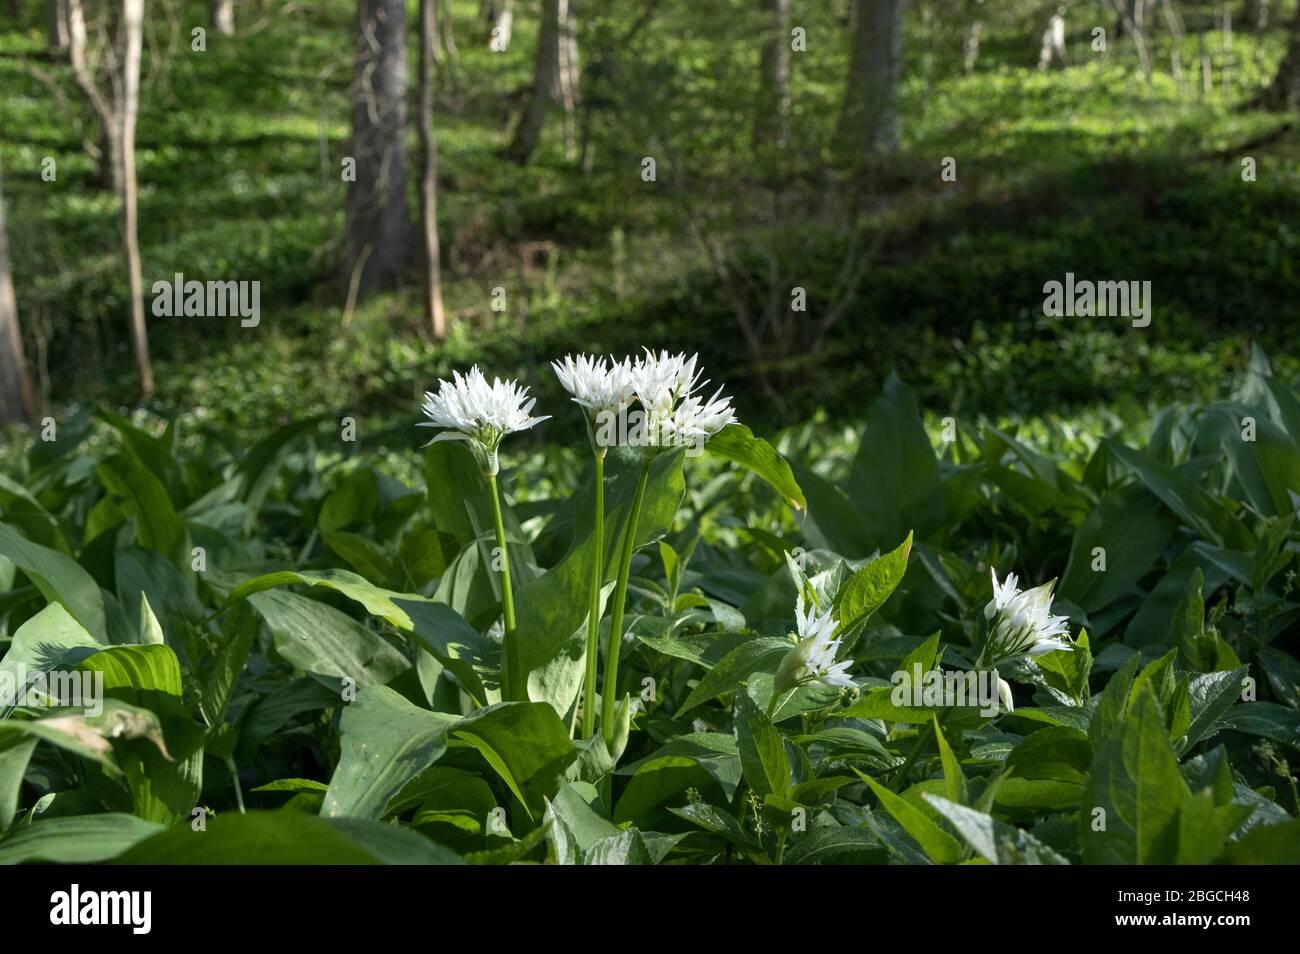 Ramsons Allium Ursinum Flowers In A Woodland Environment Uk